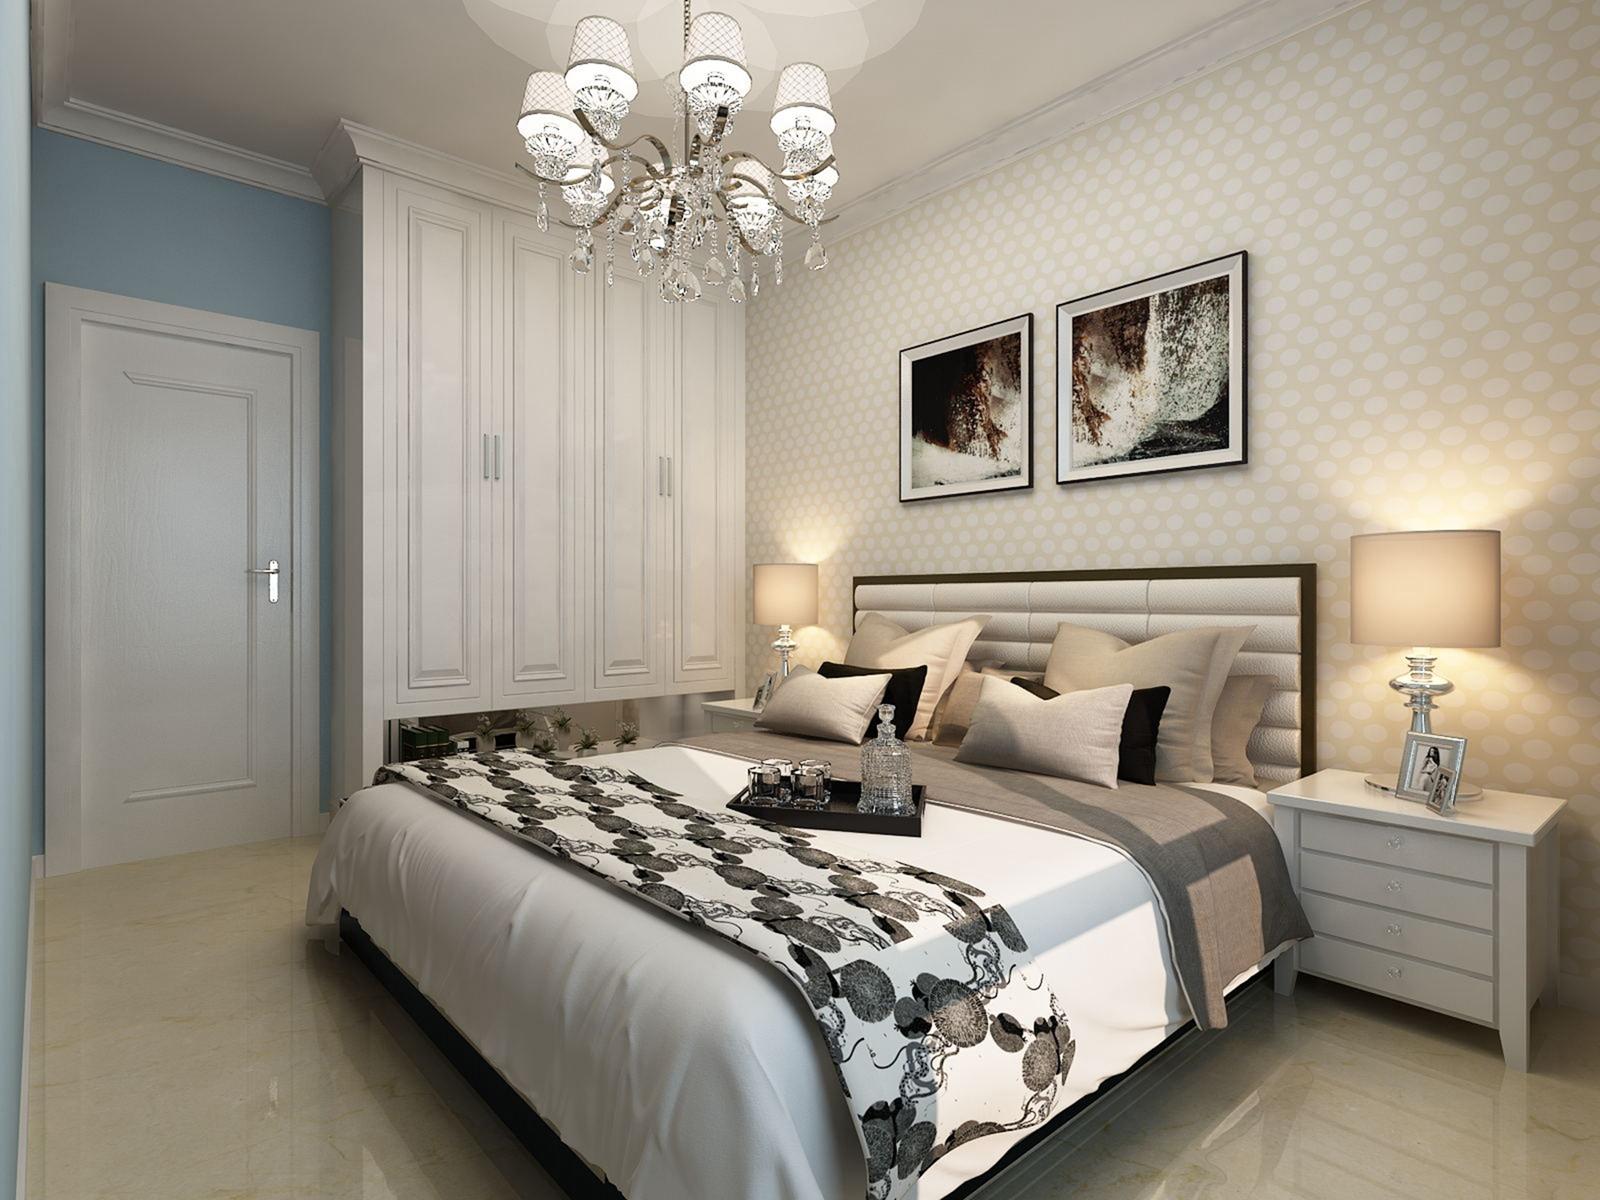 卧室地面装修应该铺地板好还是贴瓷砖好?